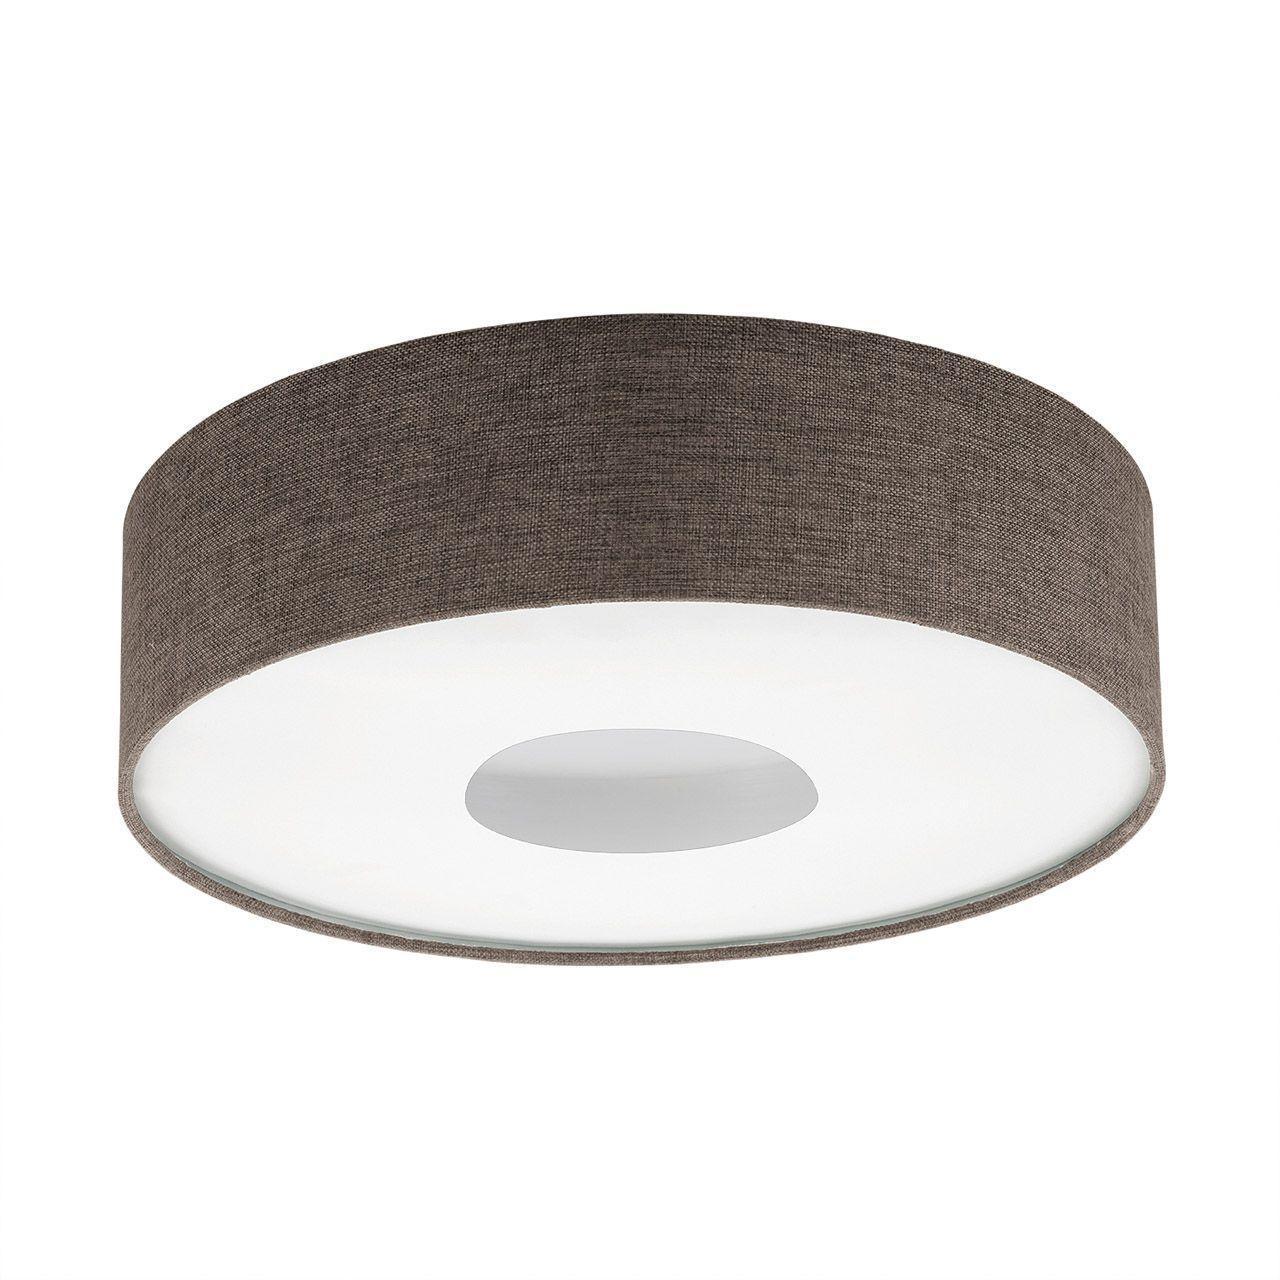 Потолочный светодиодный светильник Eglo Romao 2 95337 потолочный светодиодный светильник eglo romao 2 95337